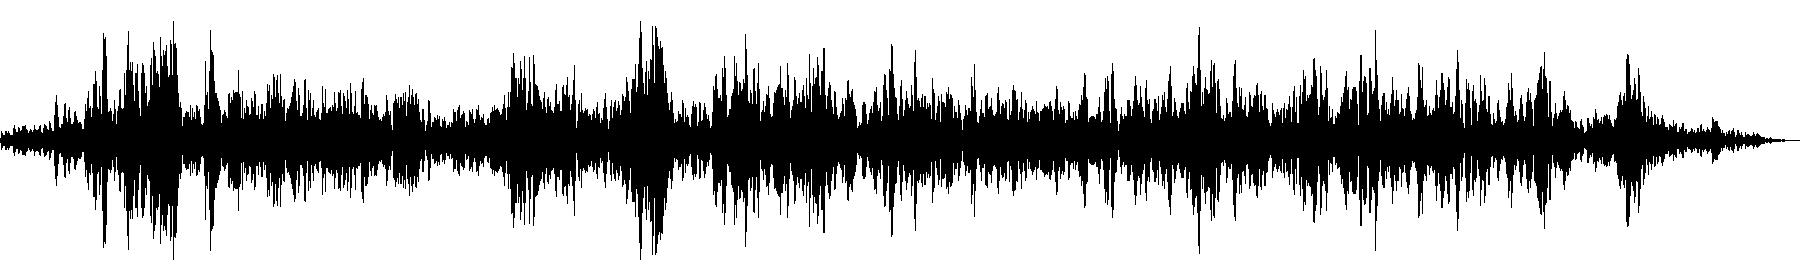 bluezone xworld sound 010